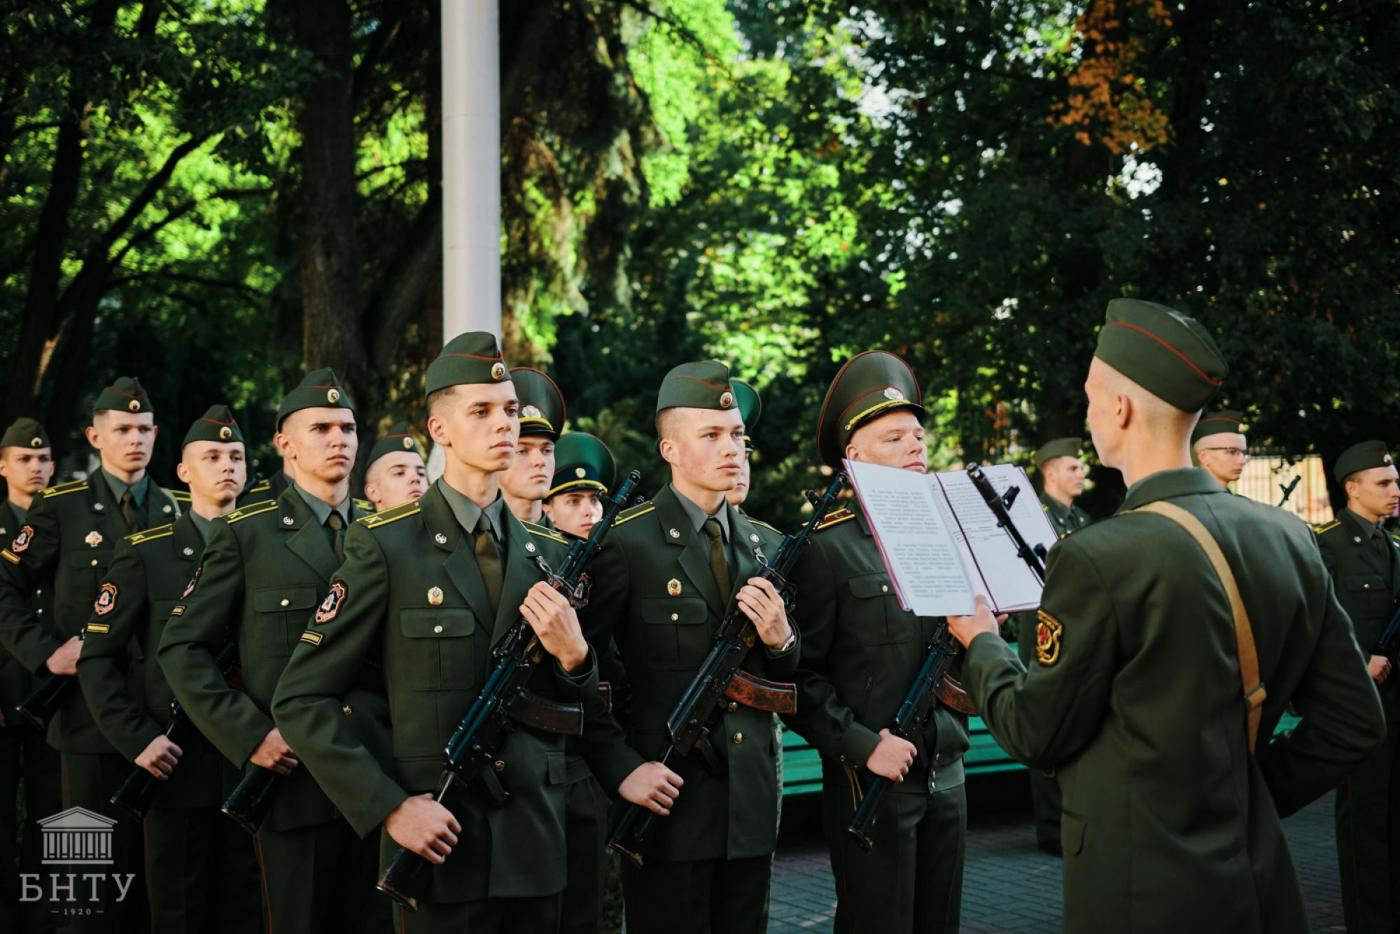 «Каждый мужчина помнит тот день, когда принял присягу». Рассказываем, как прошла первая в новом столетии БНТУ церемония принятия военной присяги первокурсников ВТФ